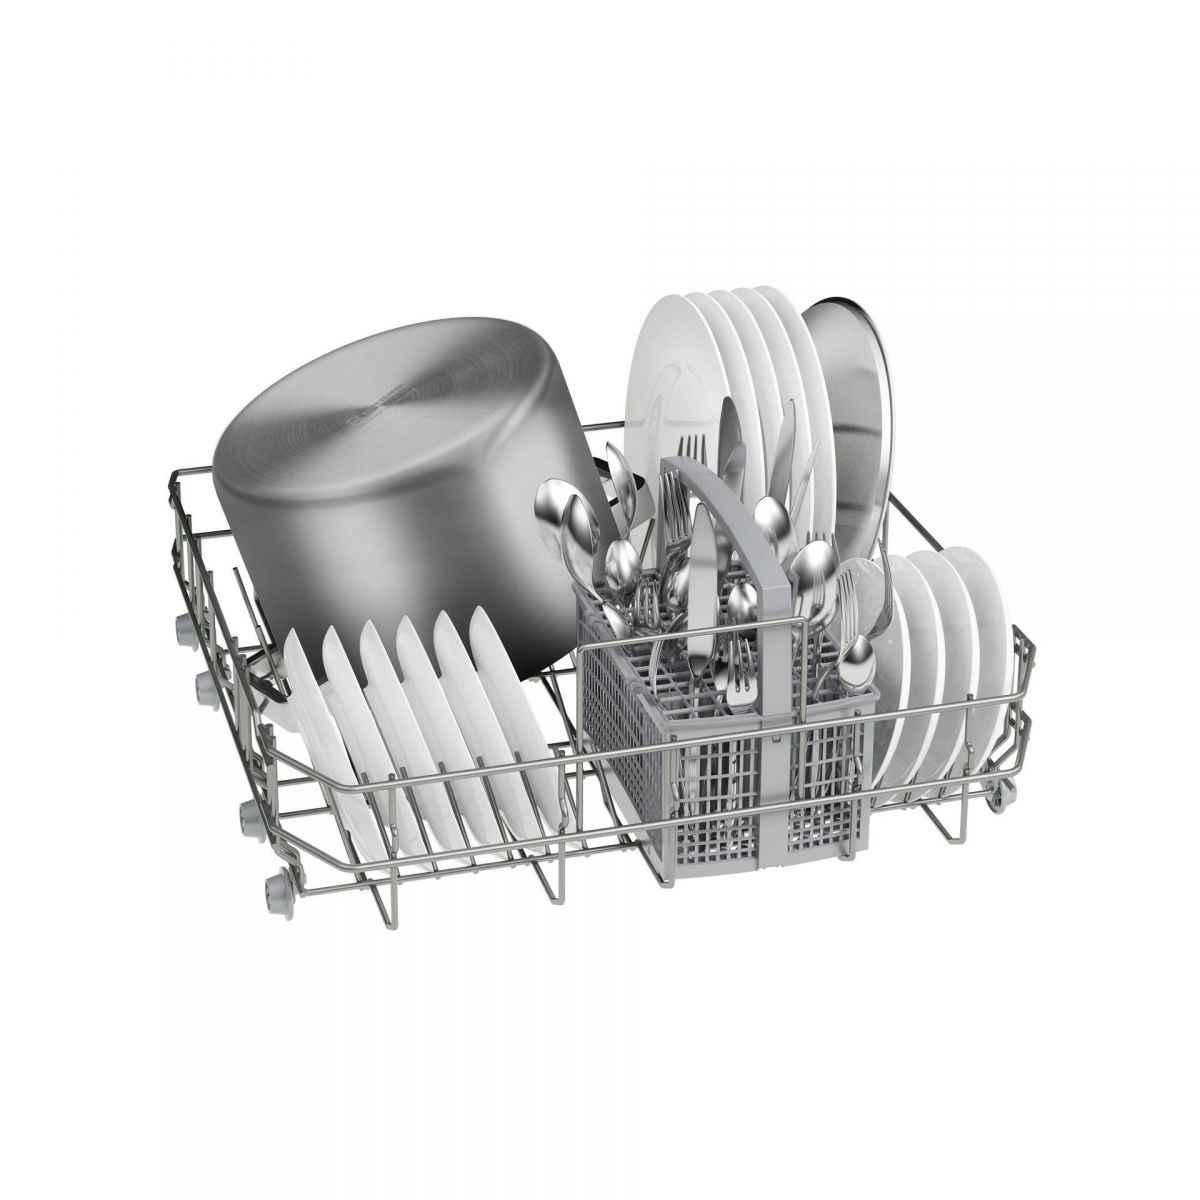 Какая посудомоечная машина бош лучшая: рейтинг встраиваемых и отдельностоящих